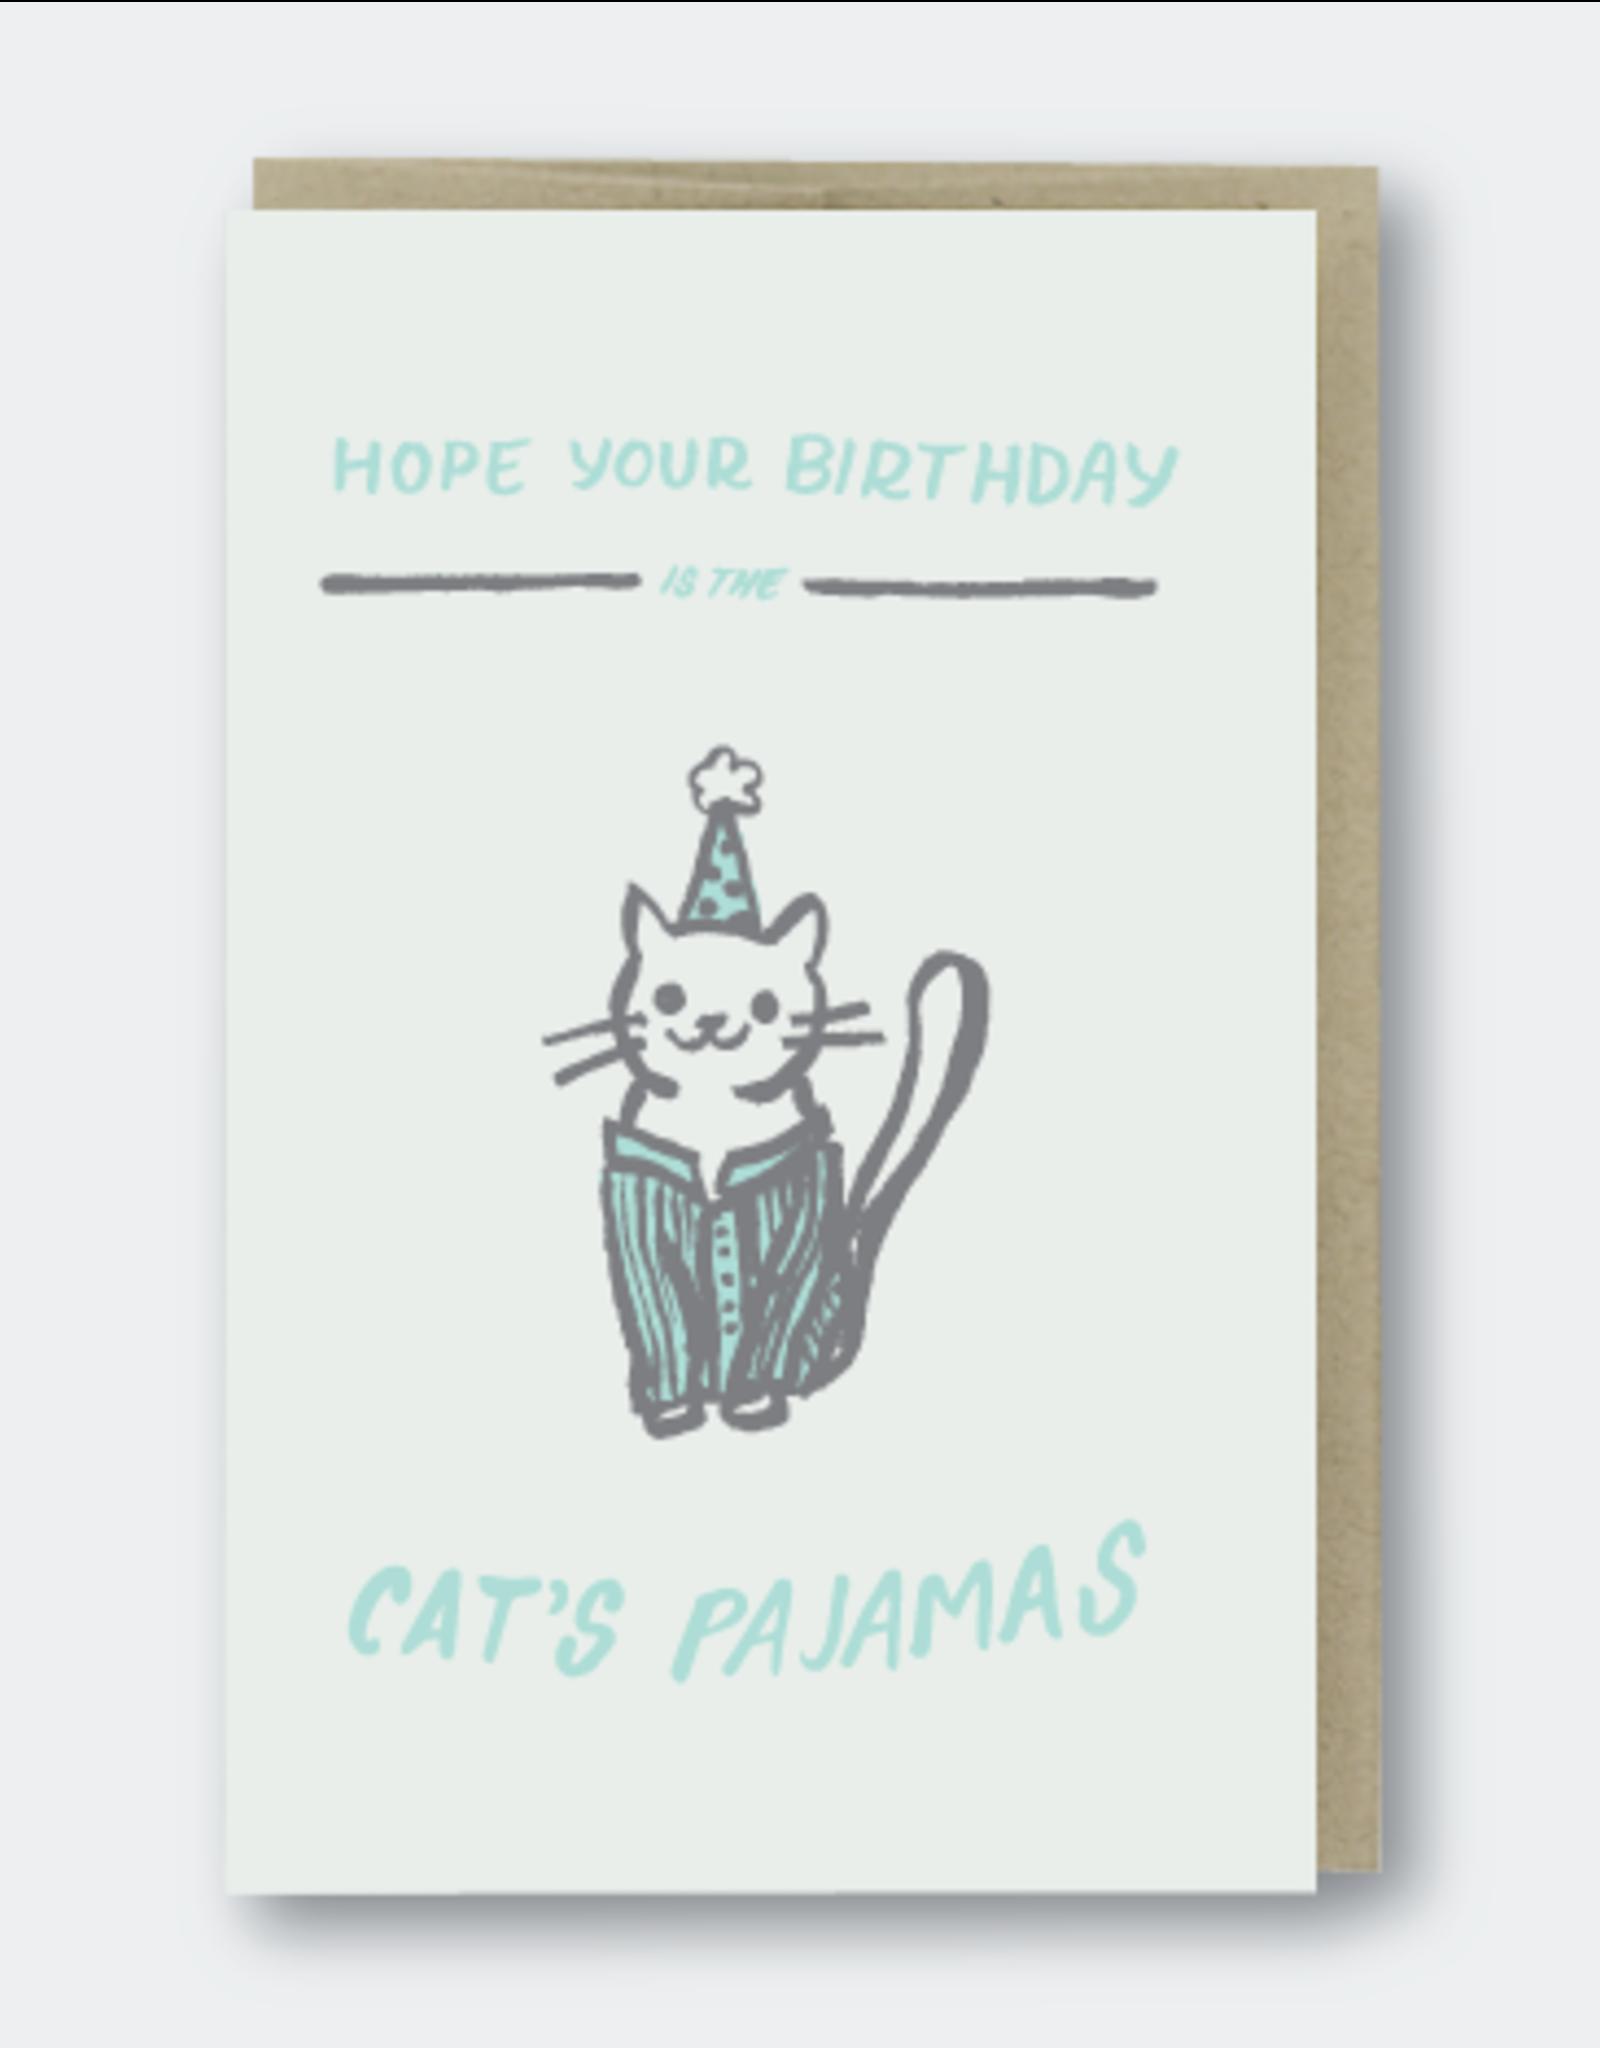 Cat's Pajamas Birthday Greeting Card